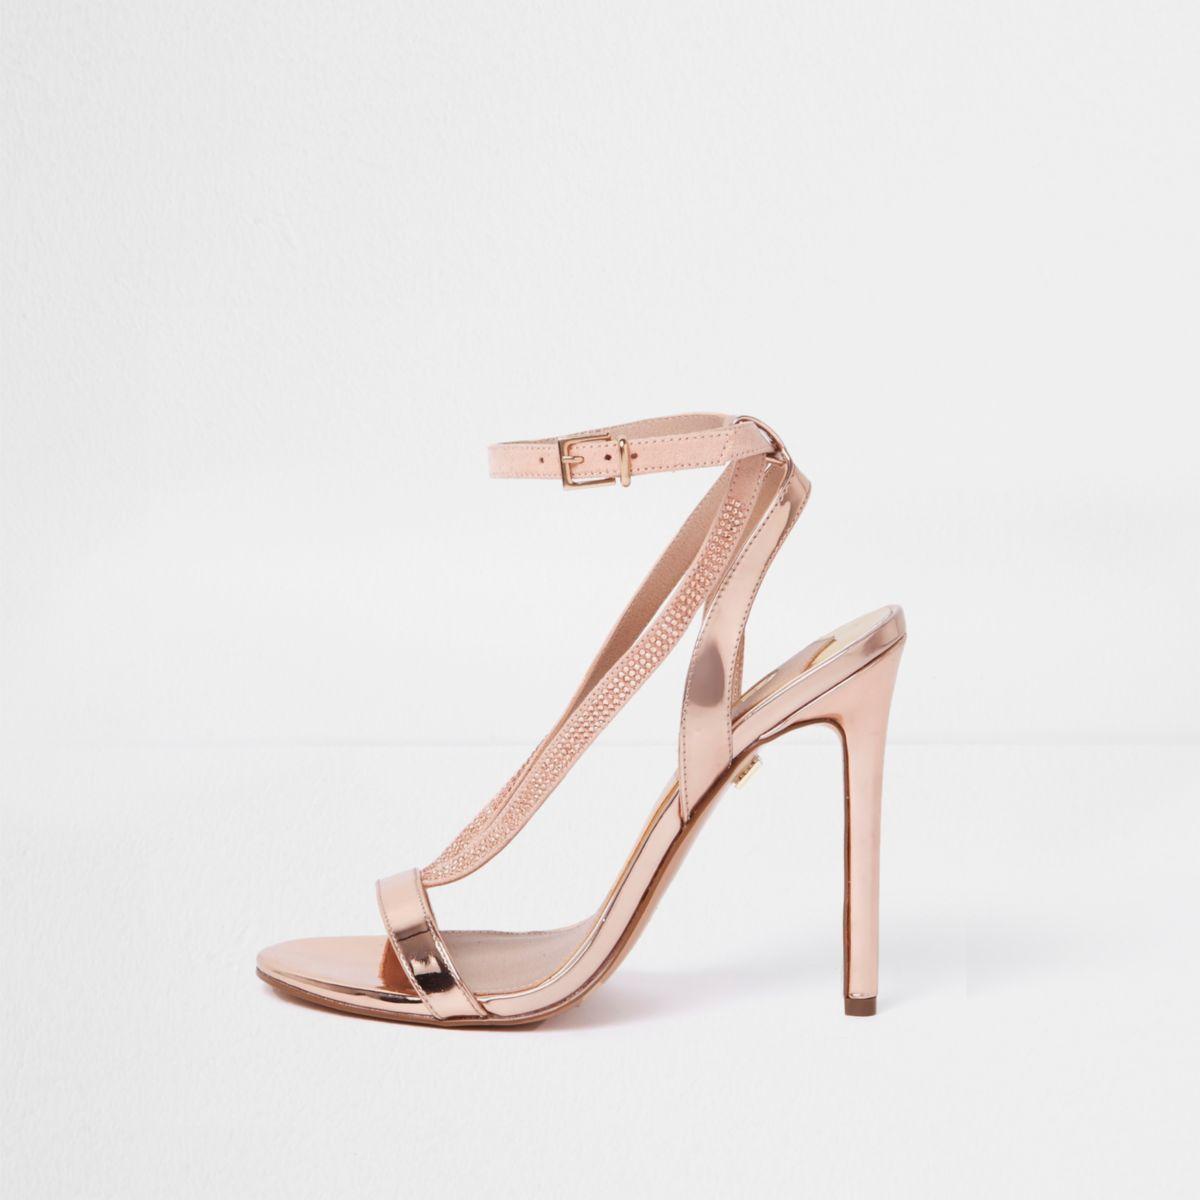 River Island Sandales minimalistes dorées métallisées